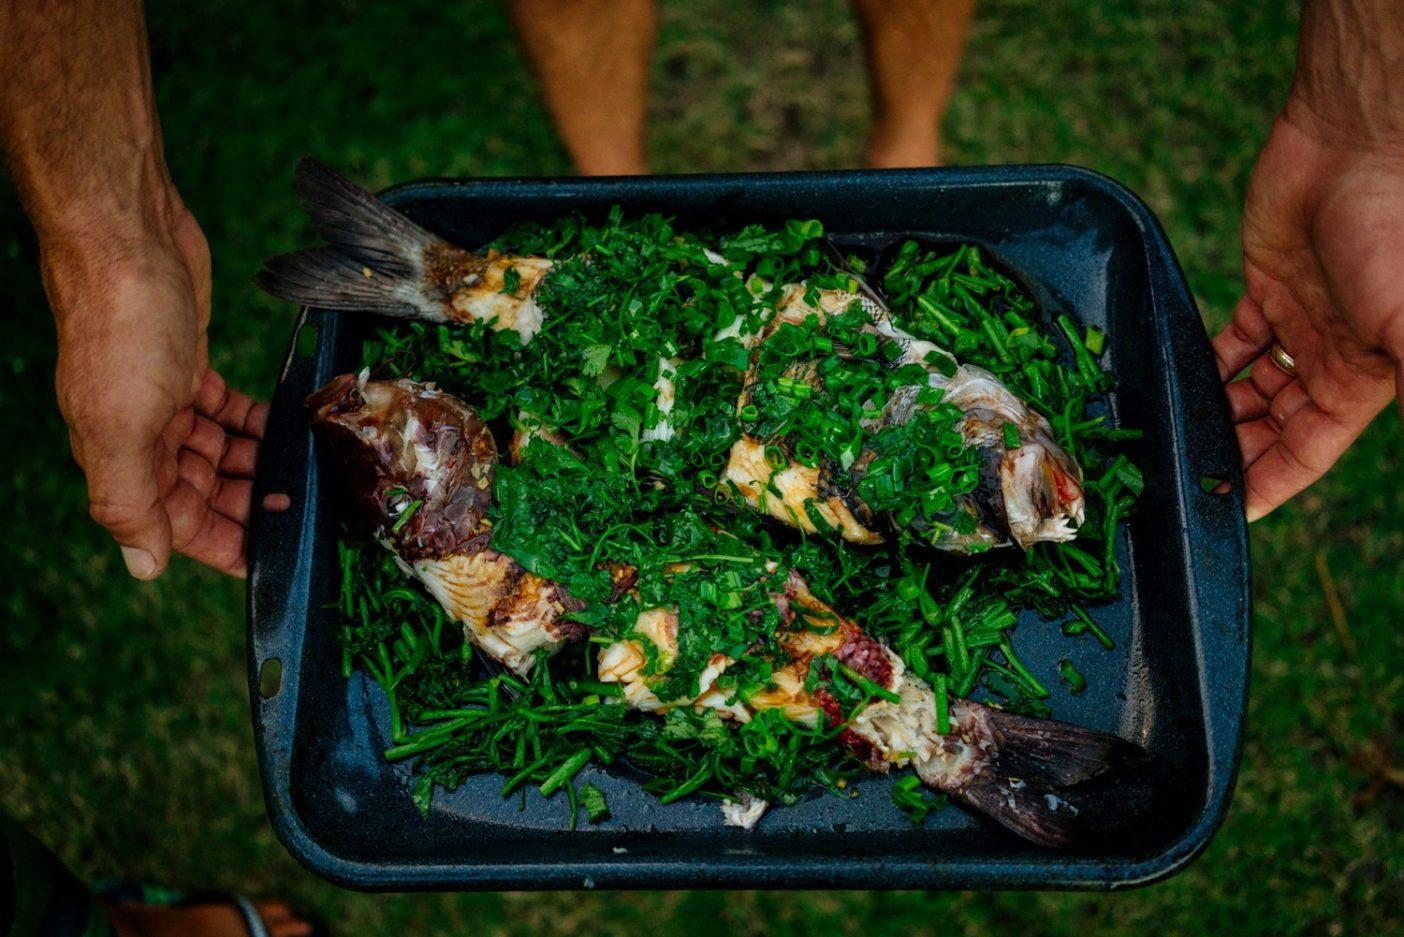 キミと過ごすとき、このような自分で捕まえた手製の料理を経験しないことはない。写真がこの食卓の香りを捉えることができたらいいのに。Photo: Donnie Hedden